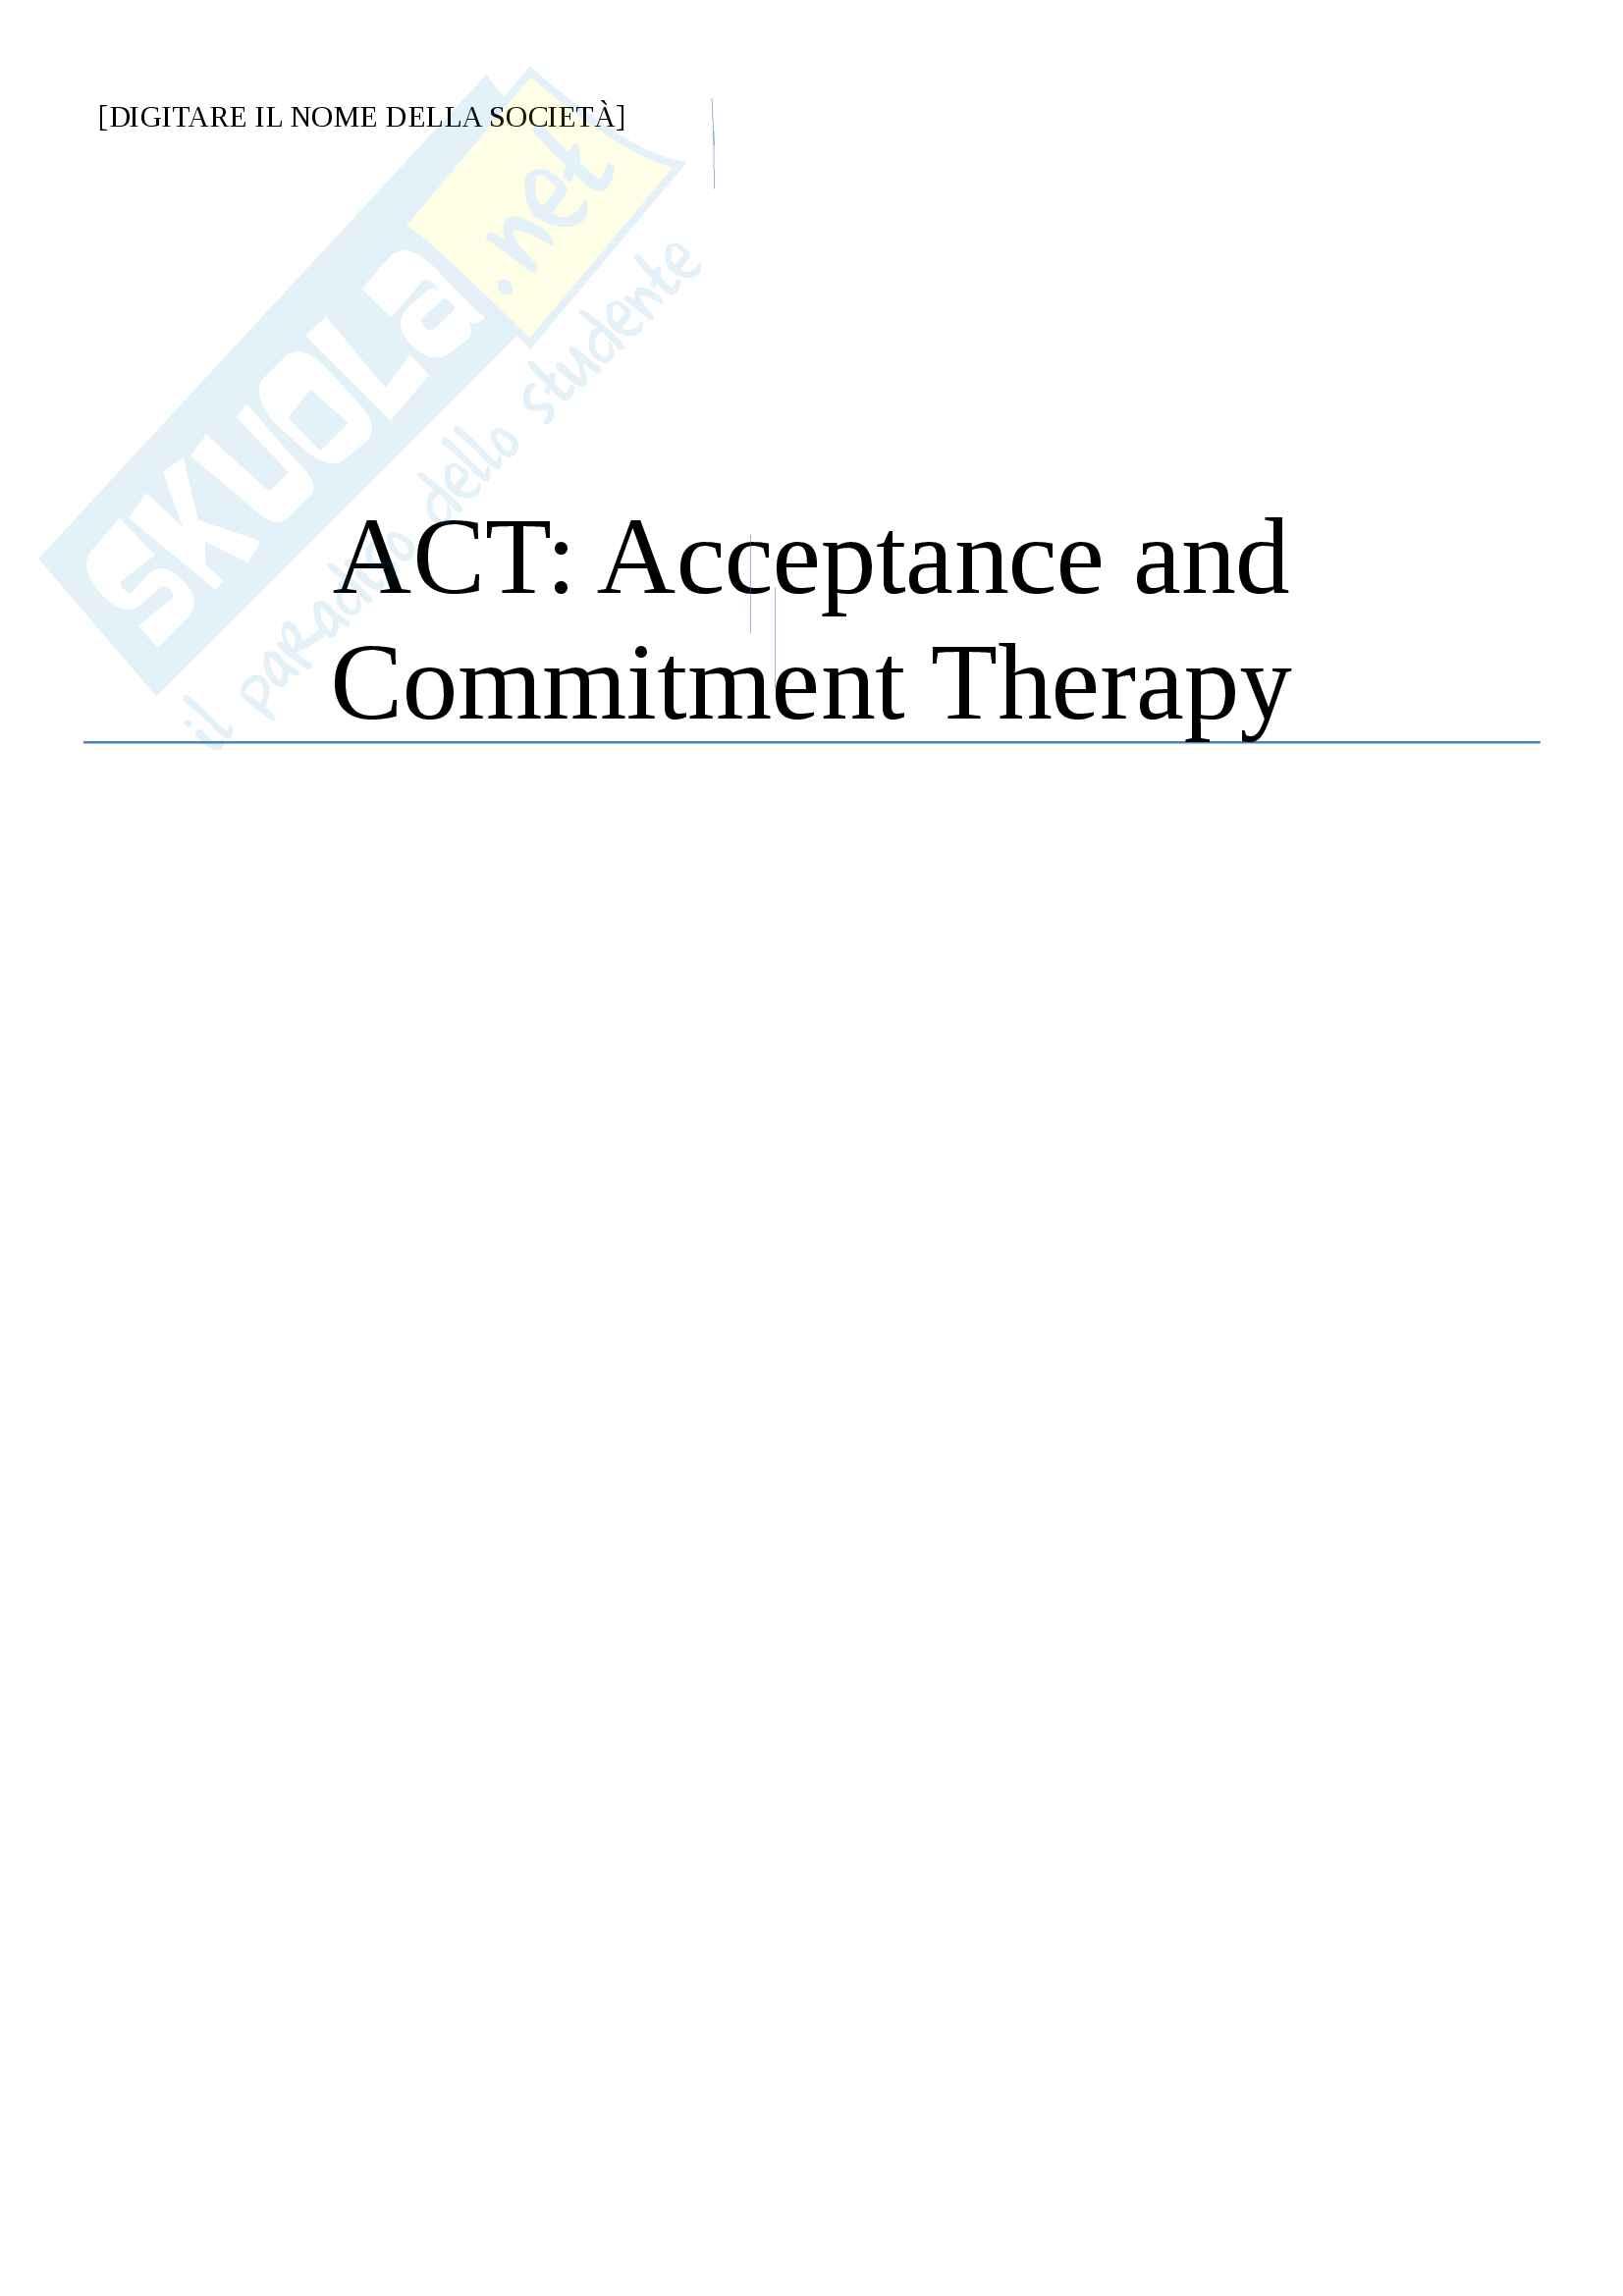 ACT Acceptance and Commitment Therapy, Psicologia della Salute